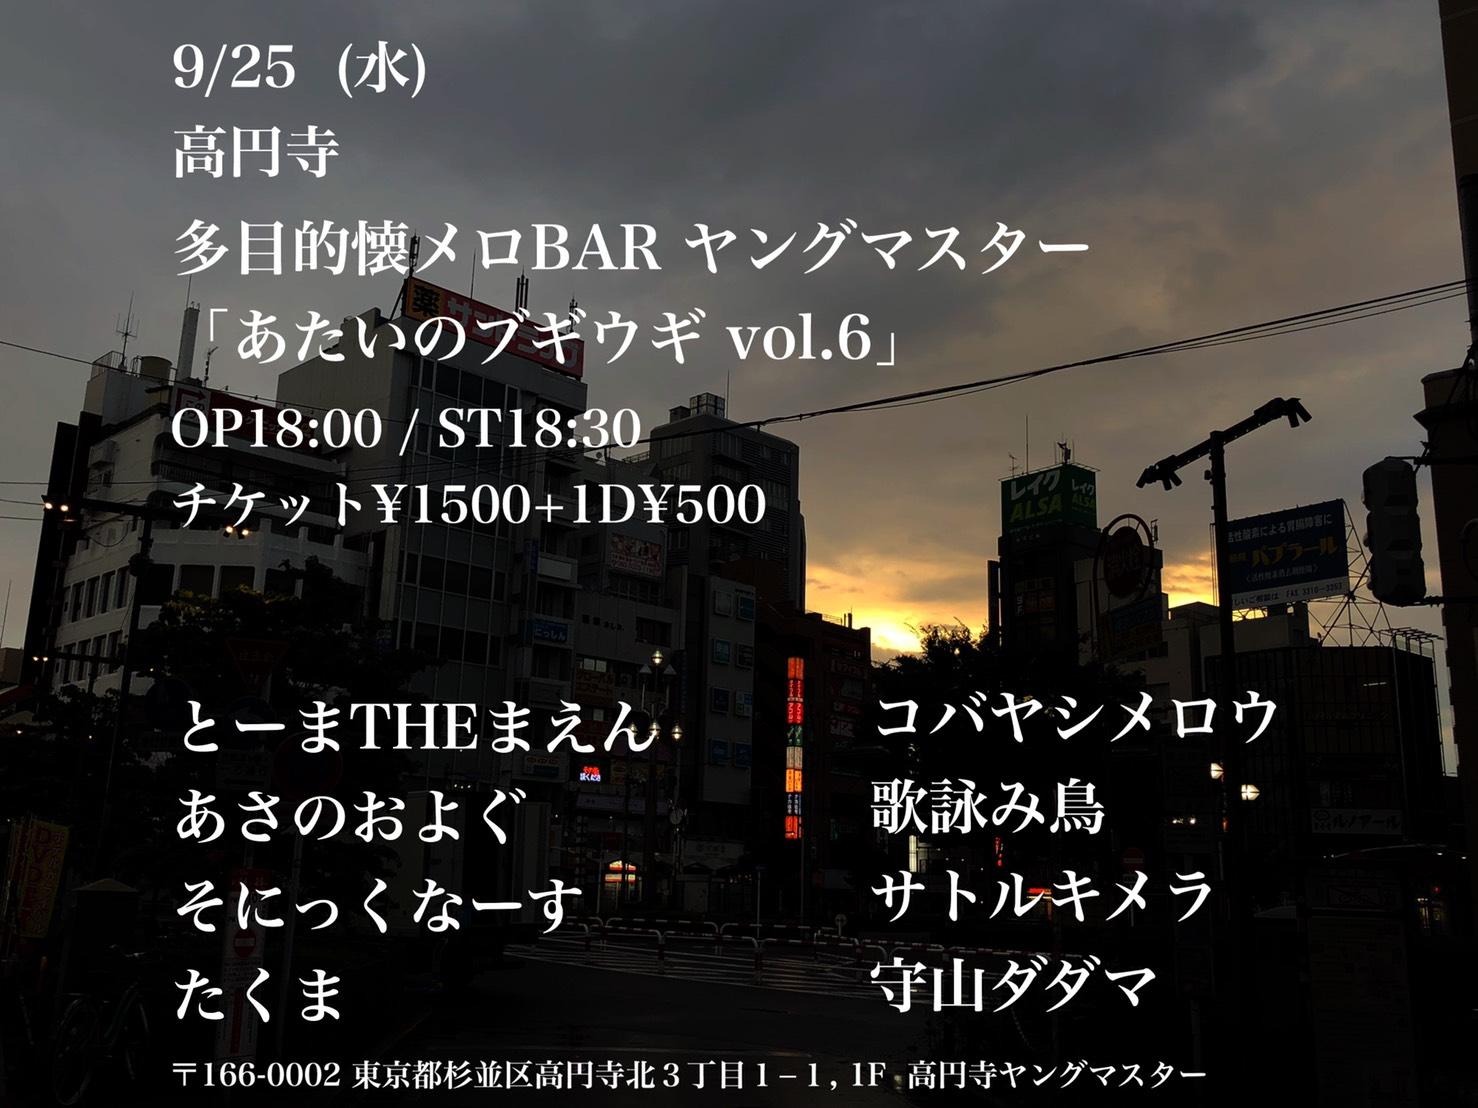 9/25 (水) ライブイベント「あたいのブギウギ vol.6」OP18:00 / ST18:30 チケット¥1500+1D¥500